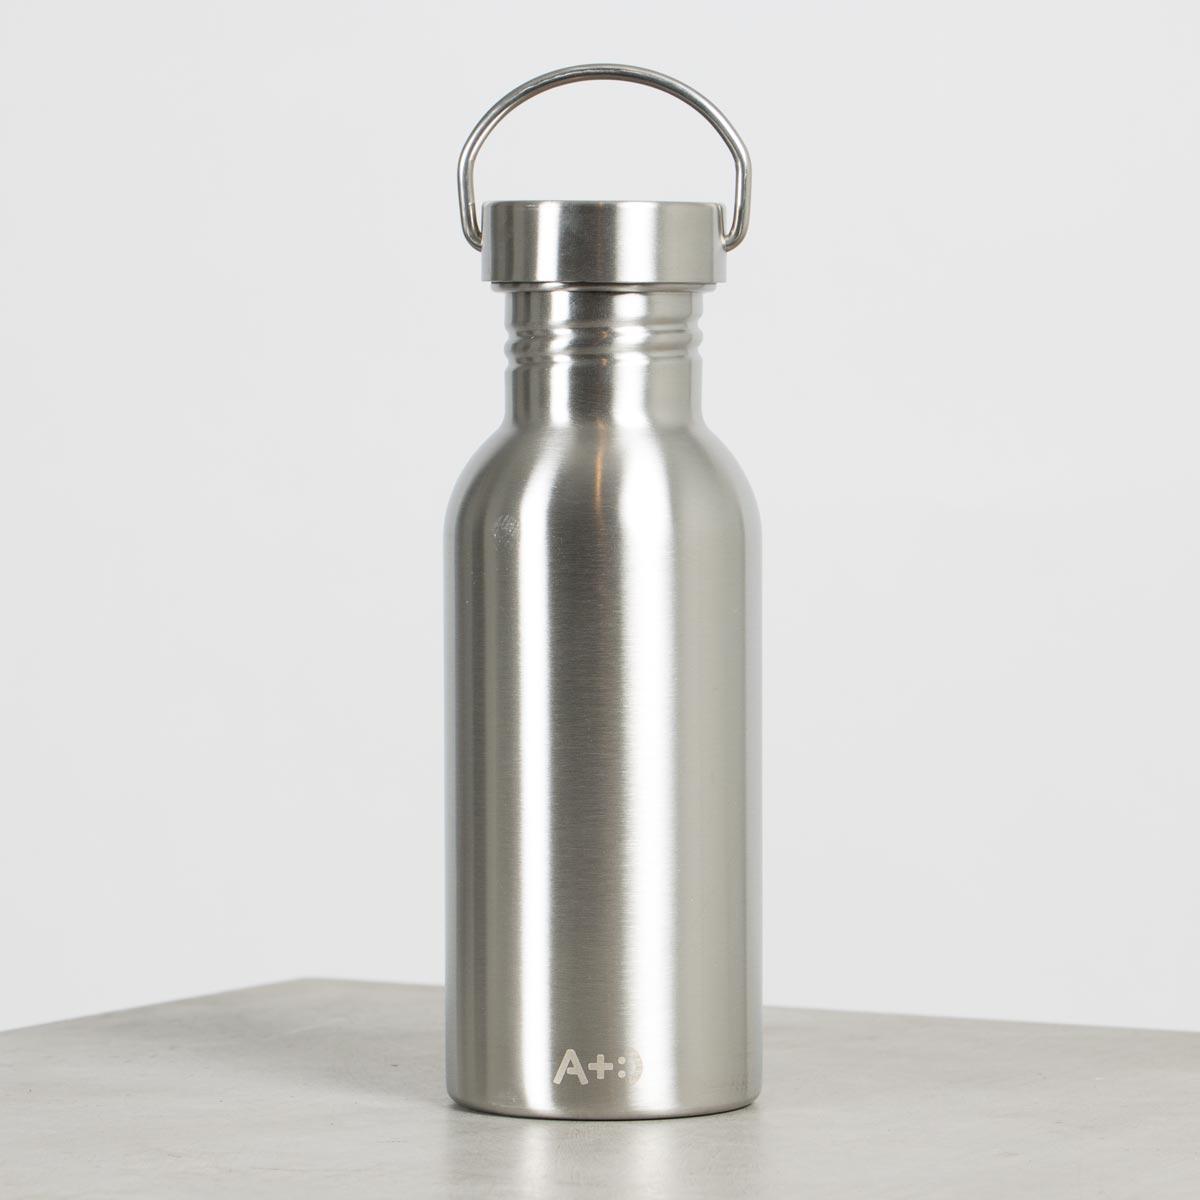 vattenflaska 500ml i rostfritt stål från A+:)